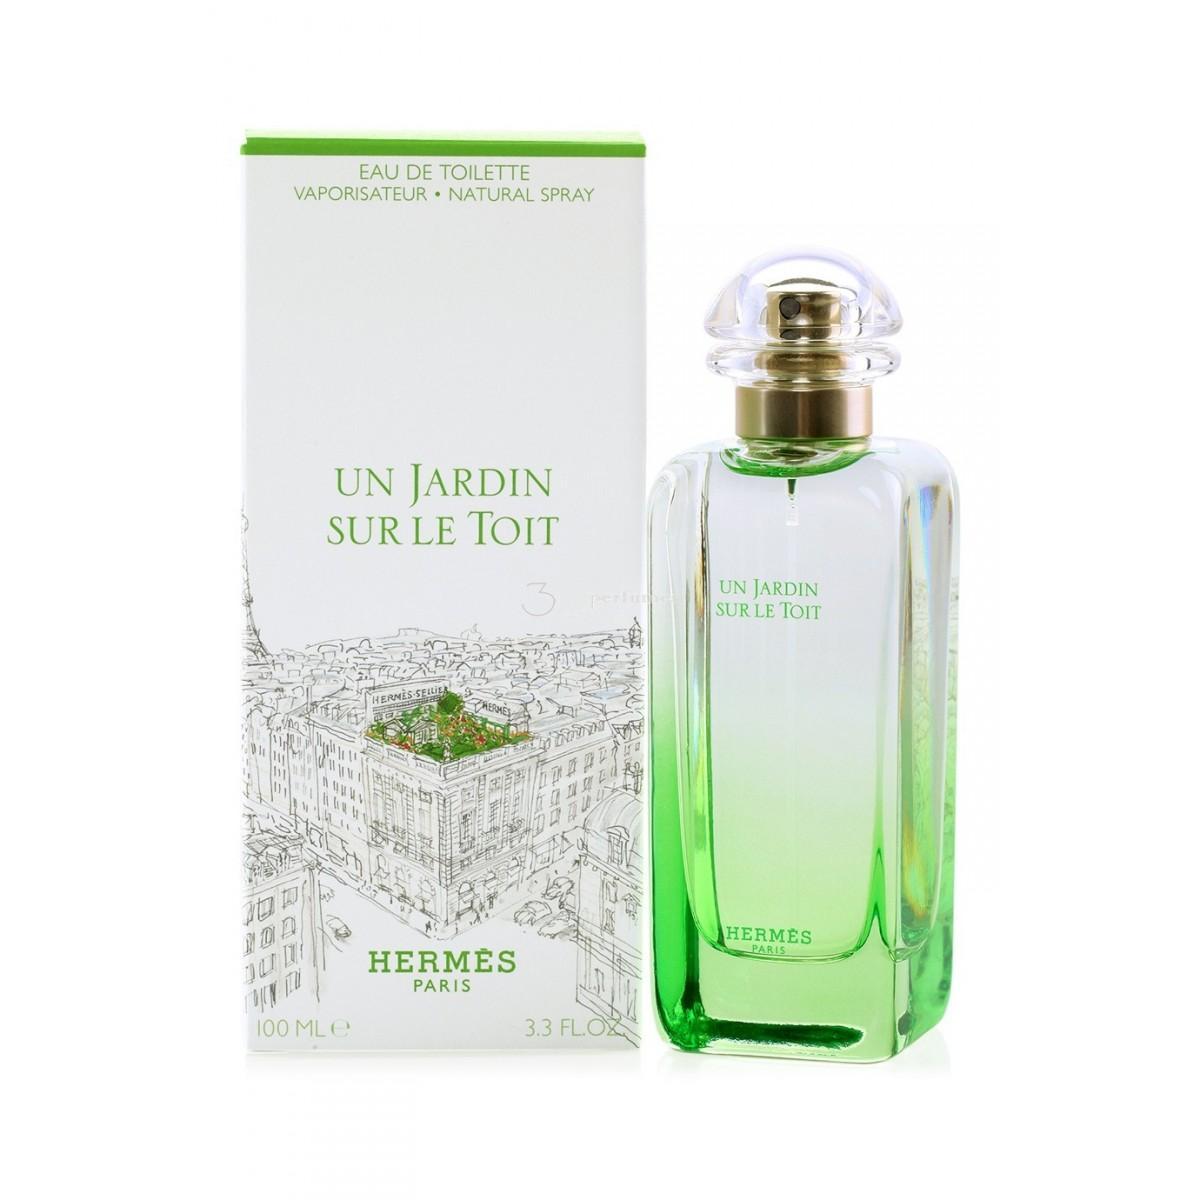 Latest Hermes Fragrances Products Enjoy Huge Discounts Lazada Sg Voyage D Unisex Edp 100ml Pinkcitysg Un Jardin Sur Le Toit Edt